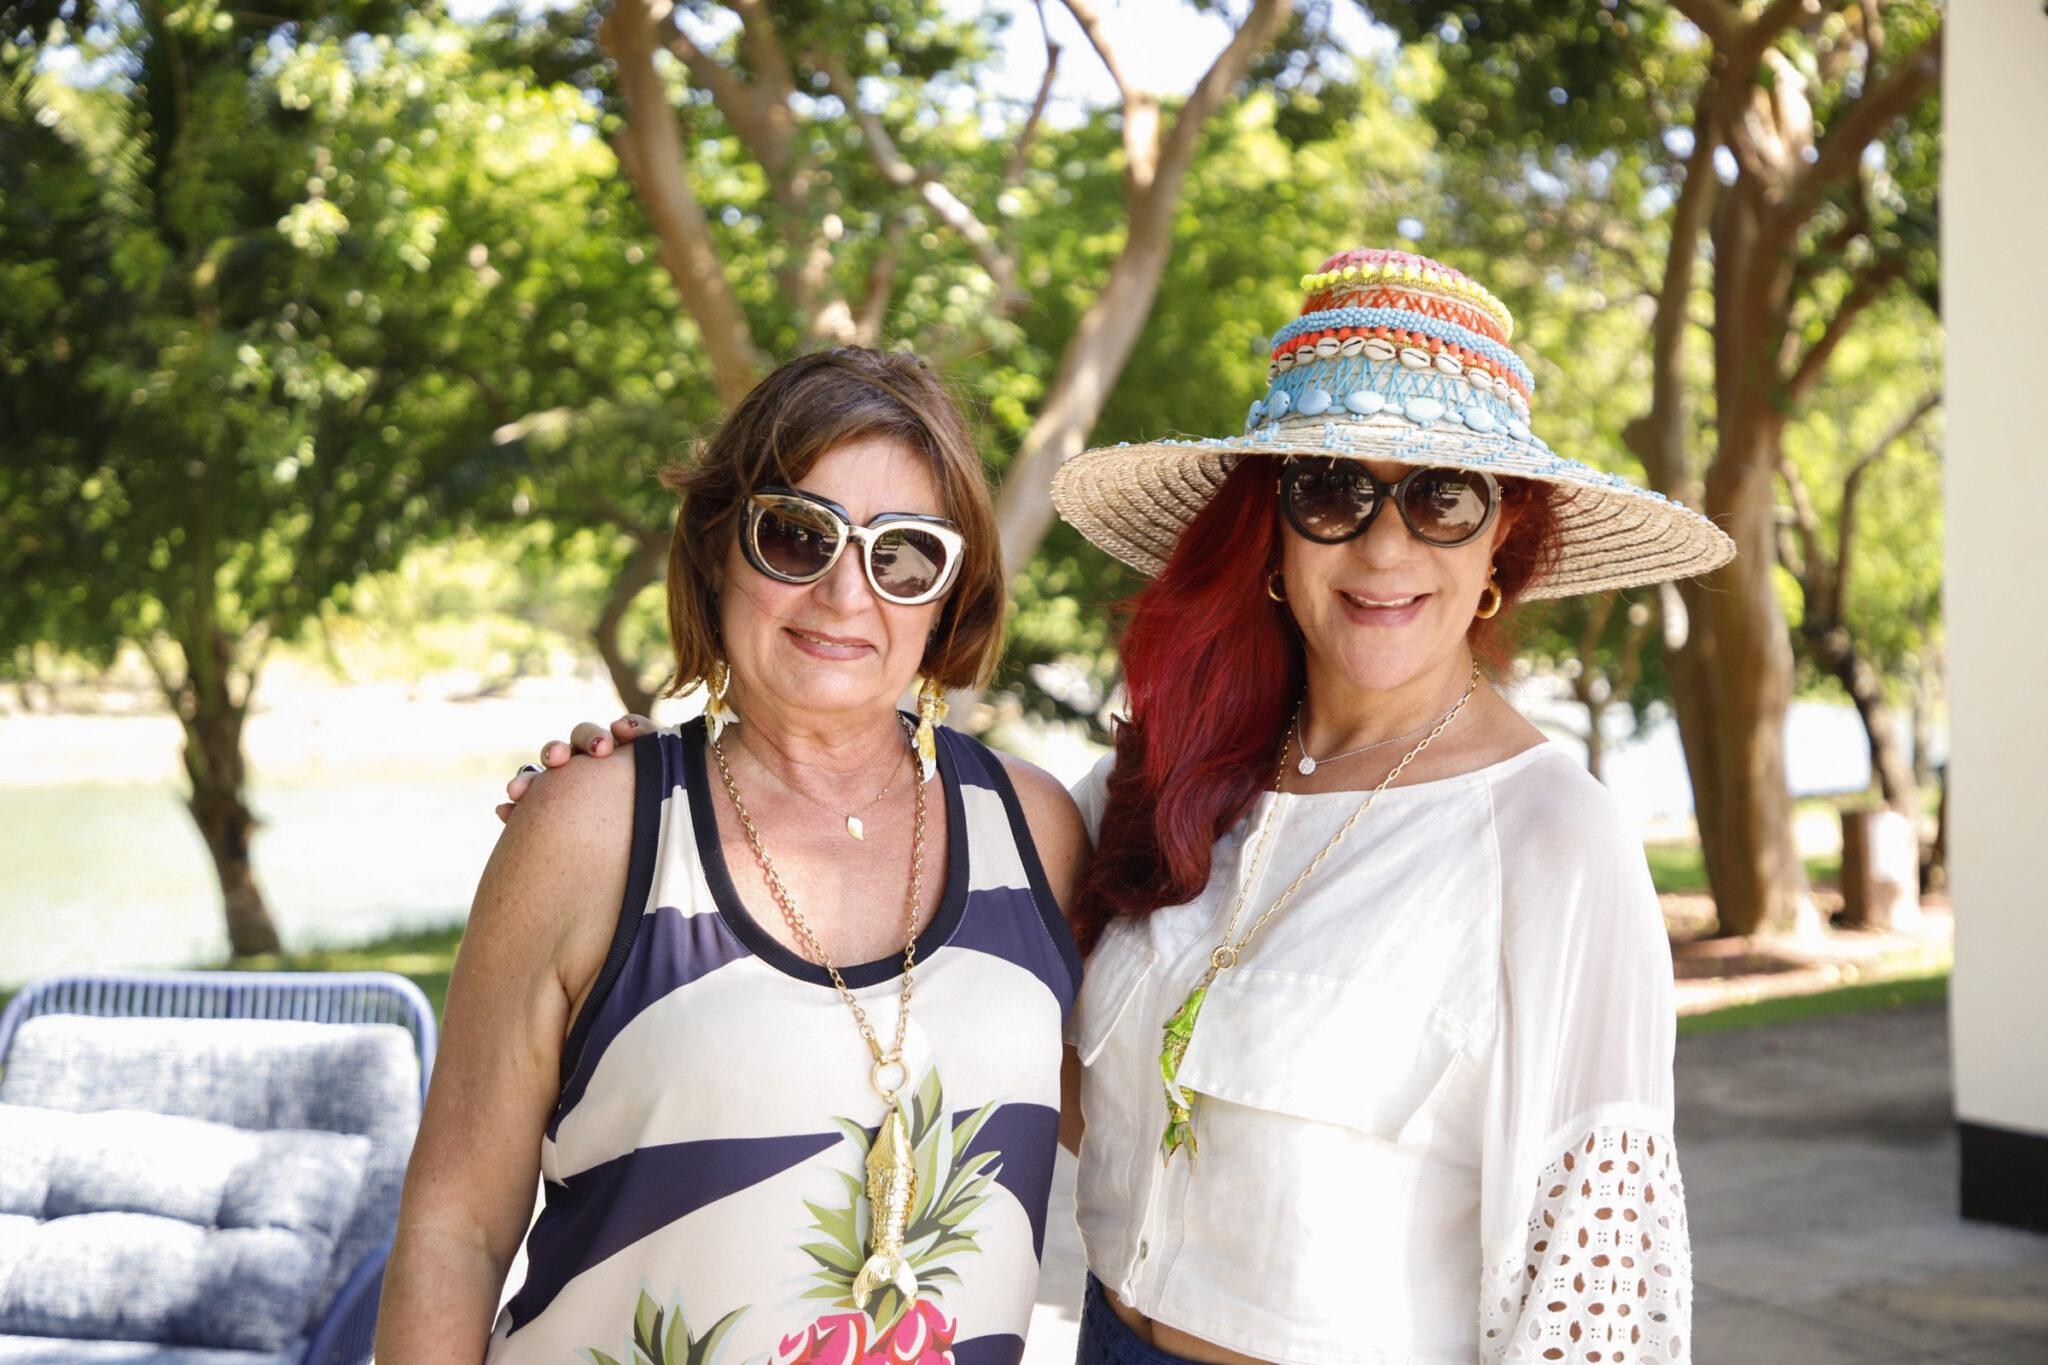 Celeste Leão e Jussara Amorim